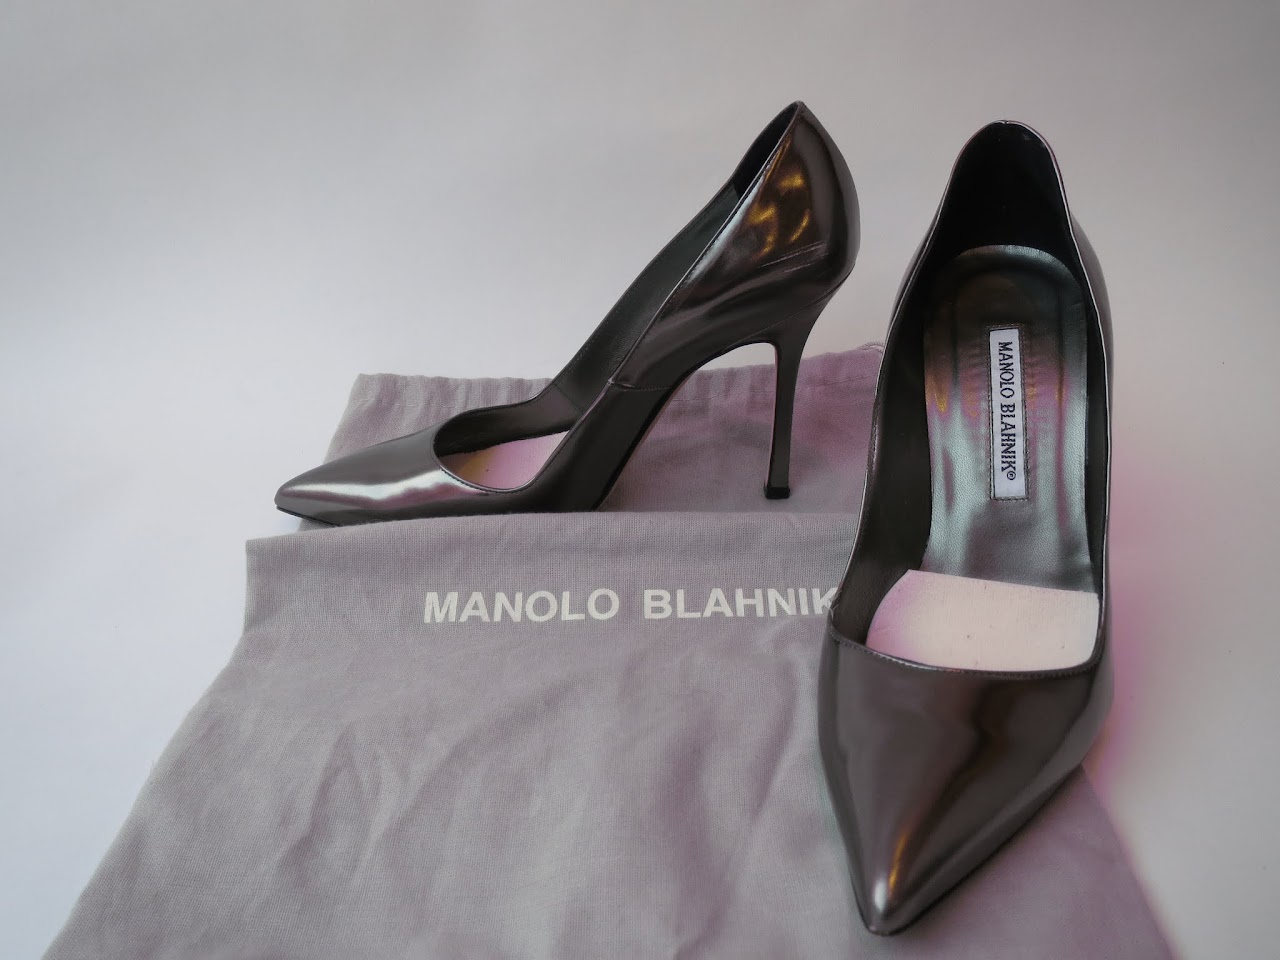 Manolo Blahnik Steely Pumps